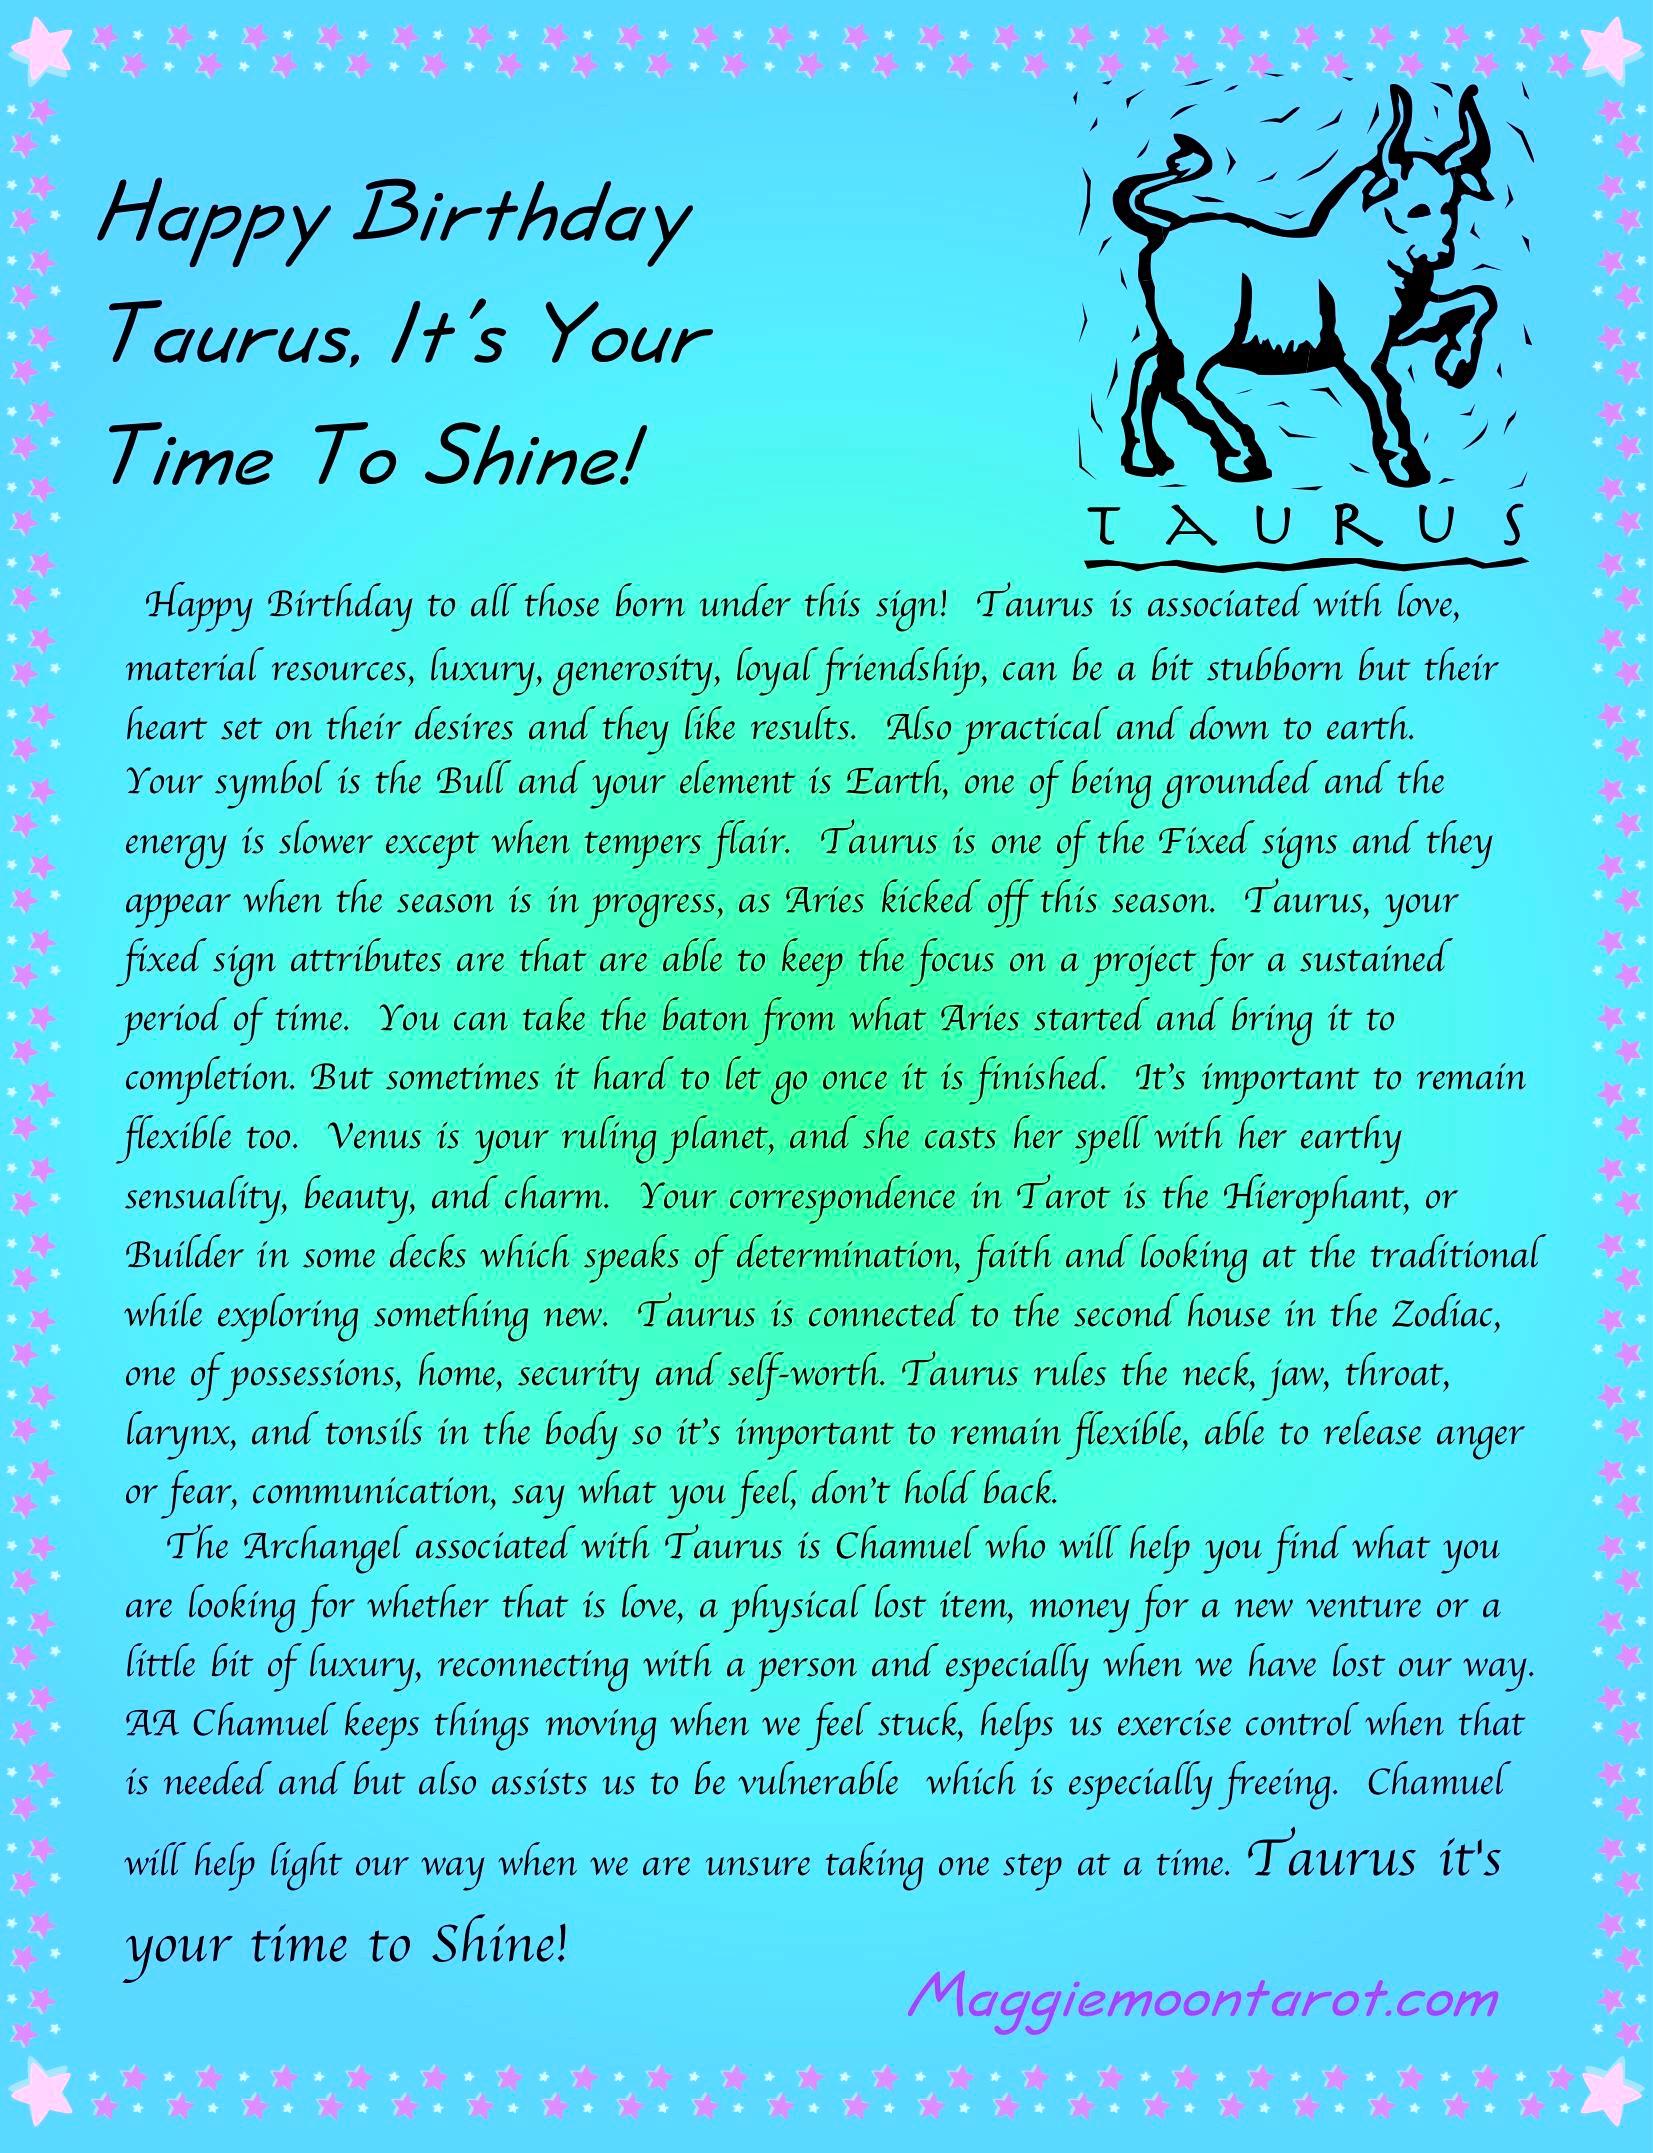 Happy Birthday Taurus